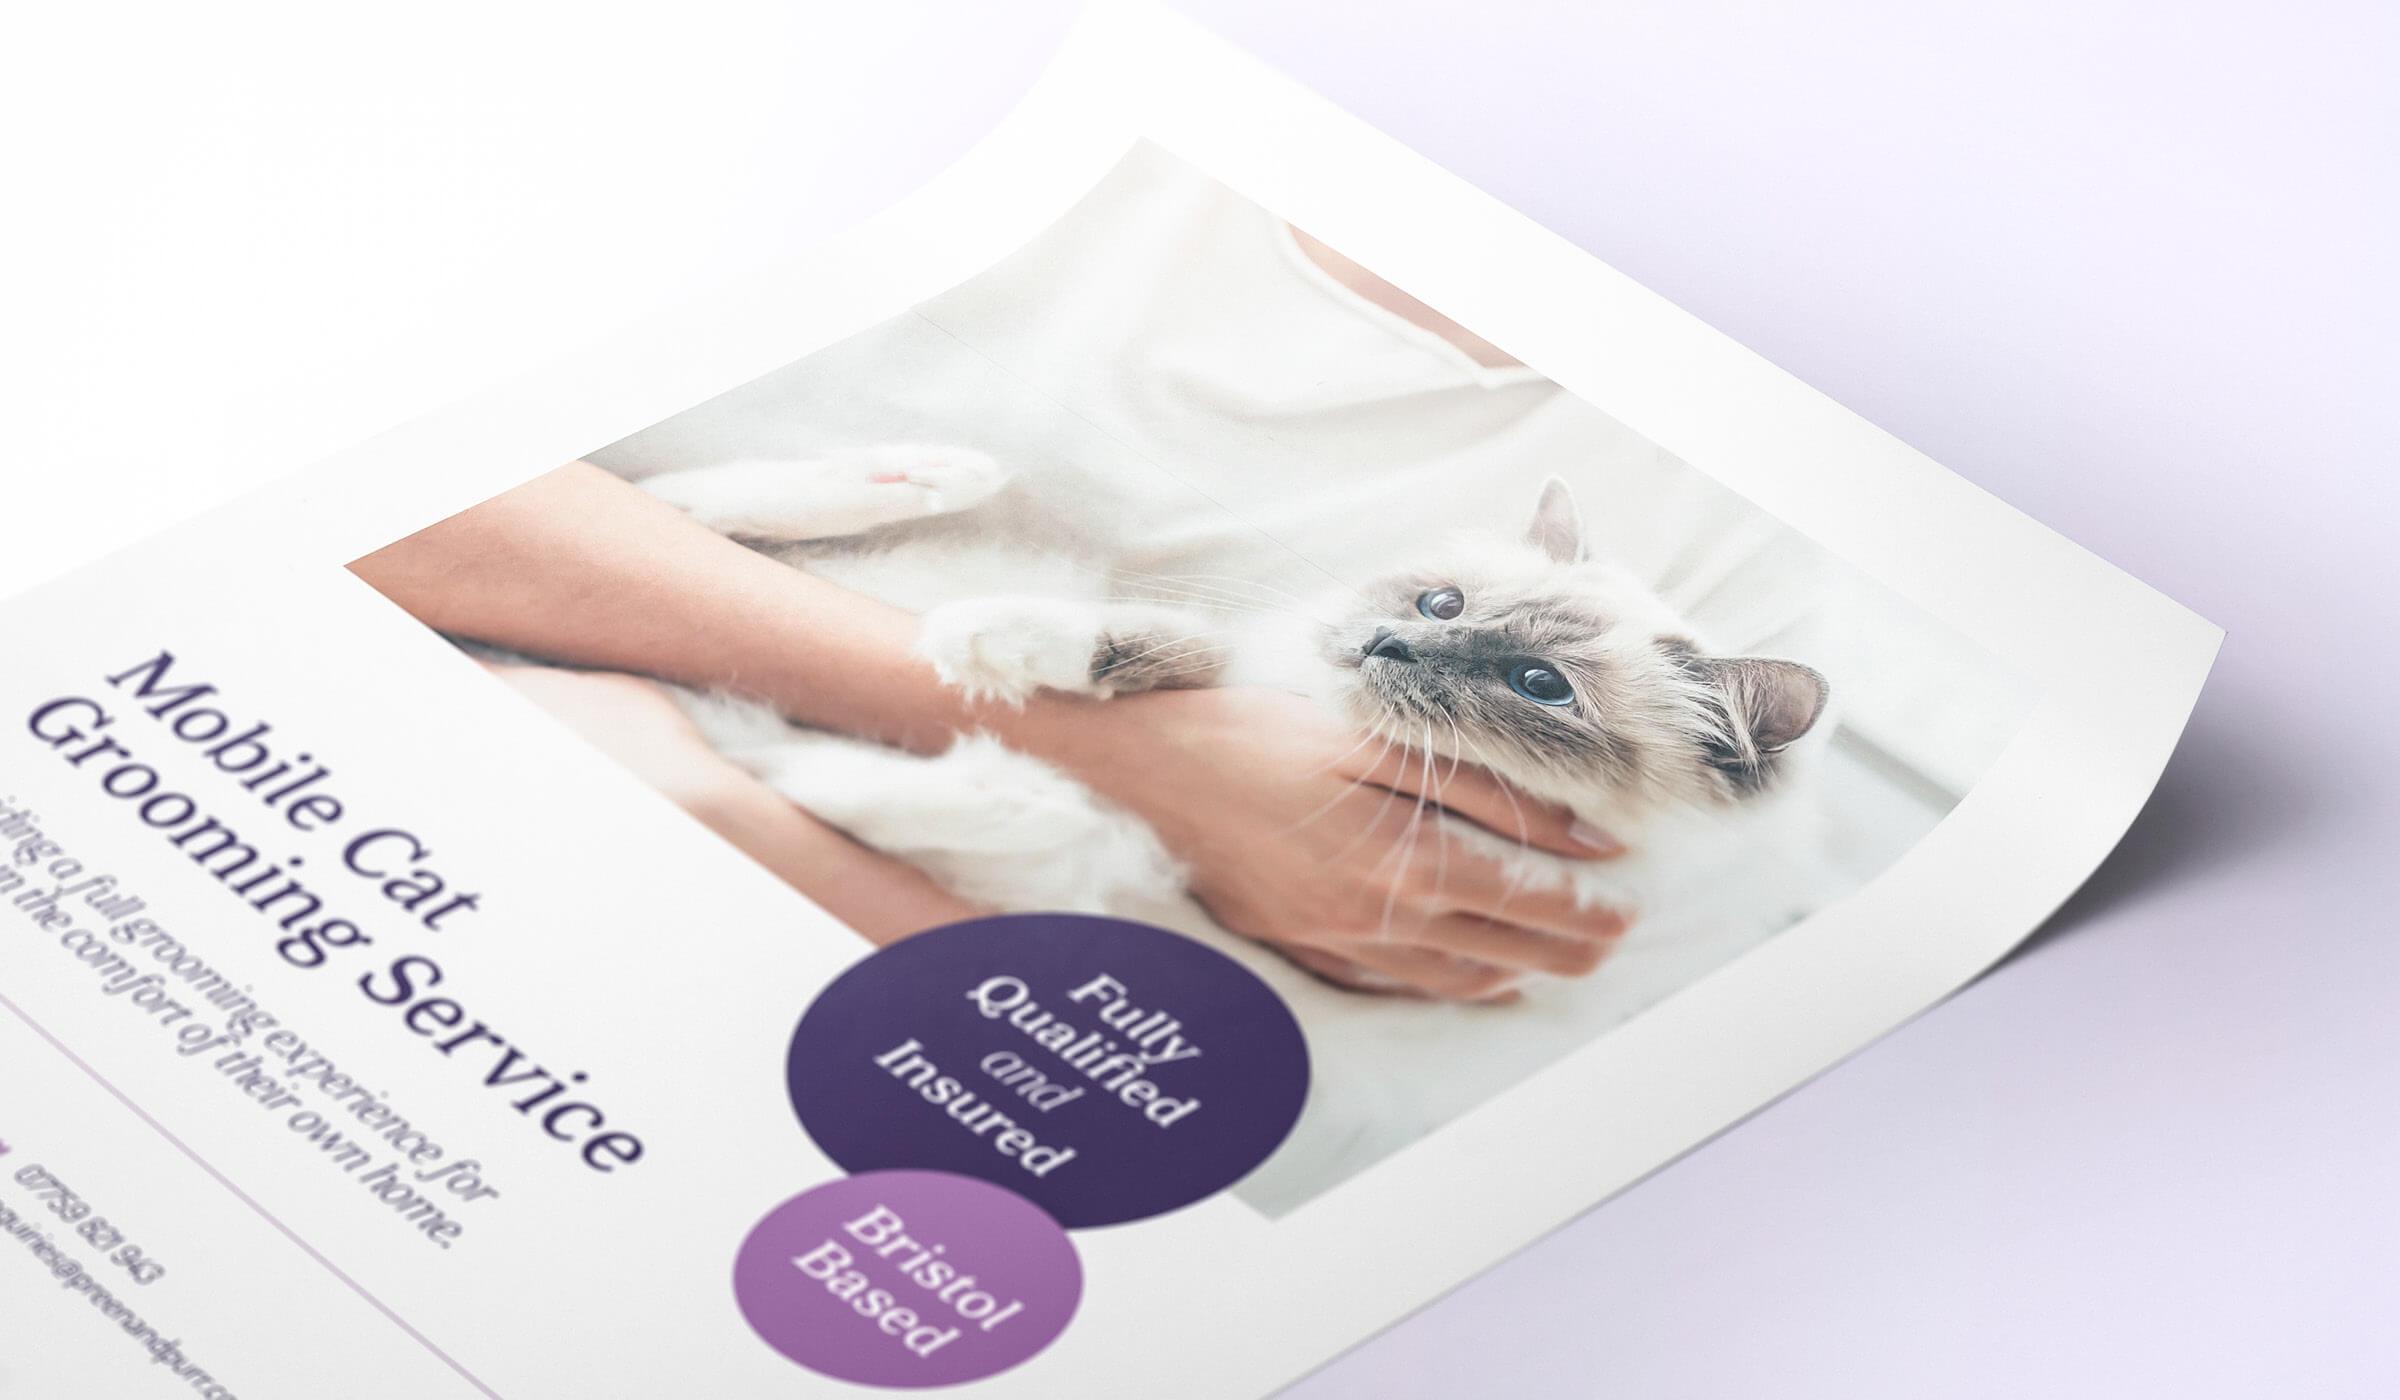 Cat groomer flyer design